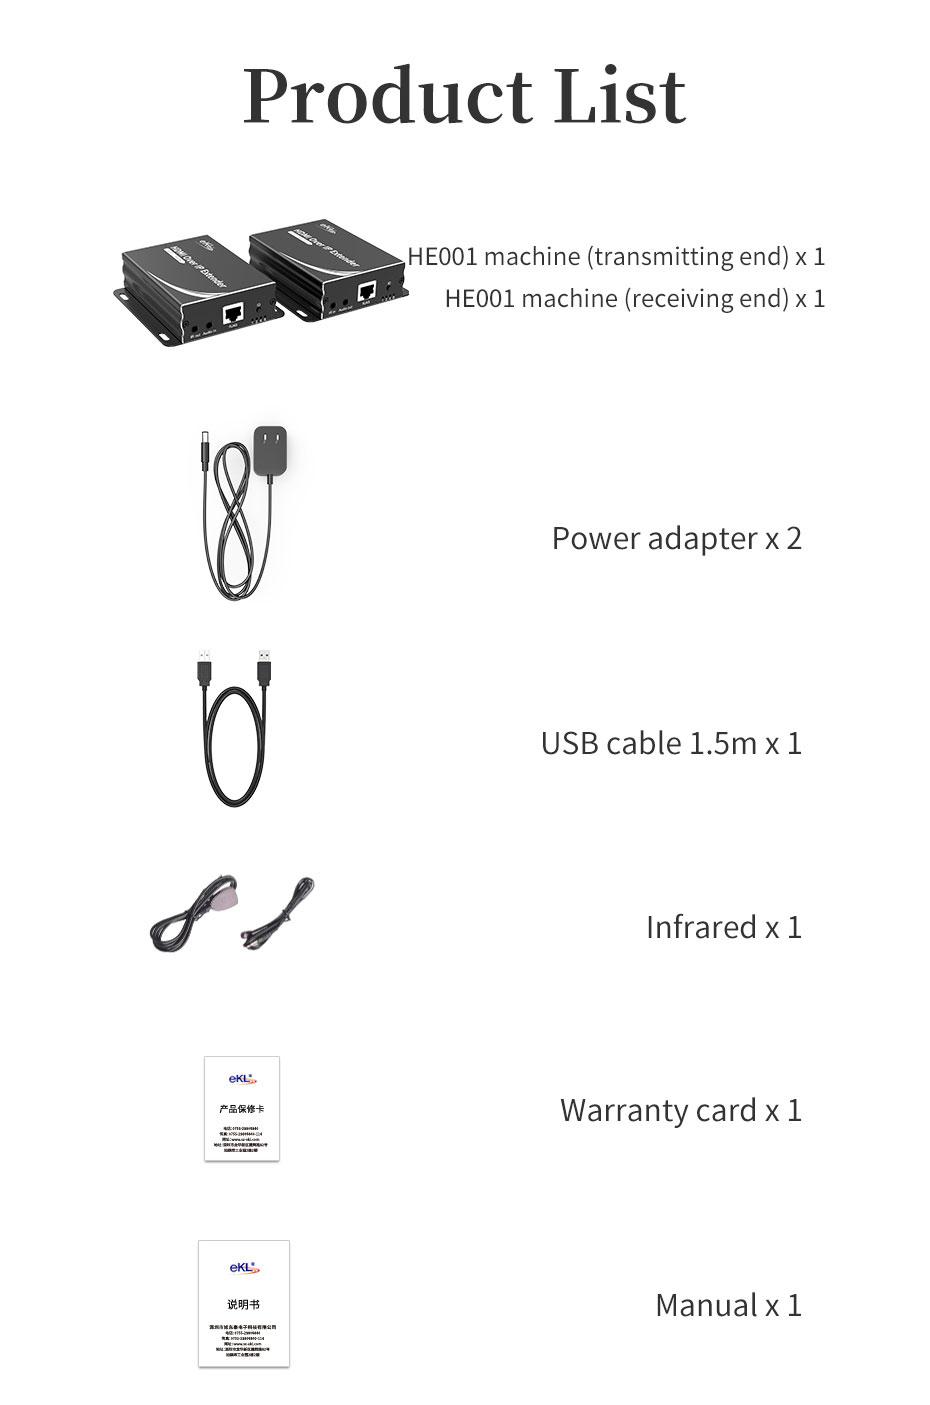 HDMI KVM optical fiber extender HE001 standard accessories